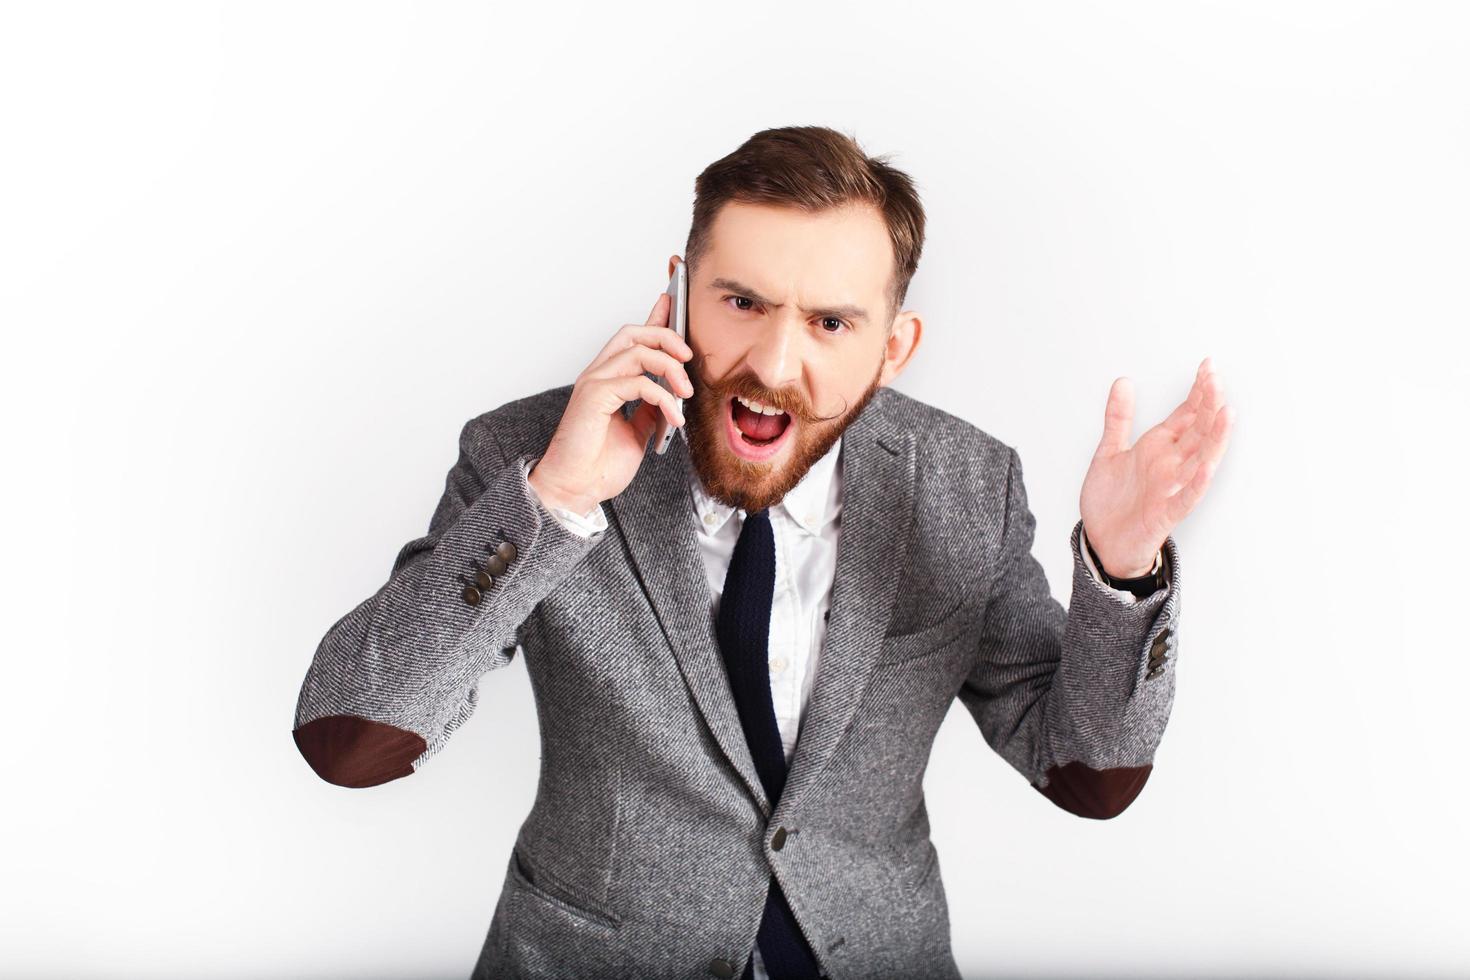 homme en colère en costume gris parle au téléphone photo